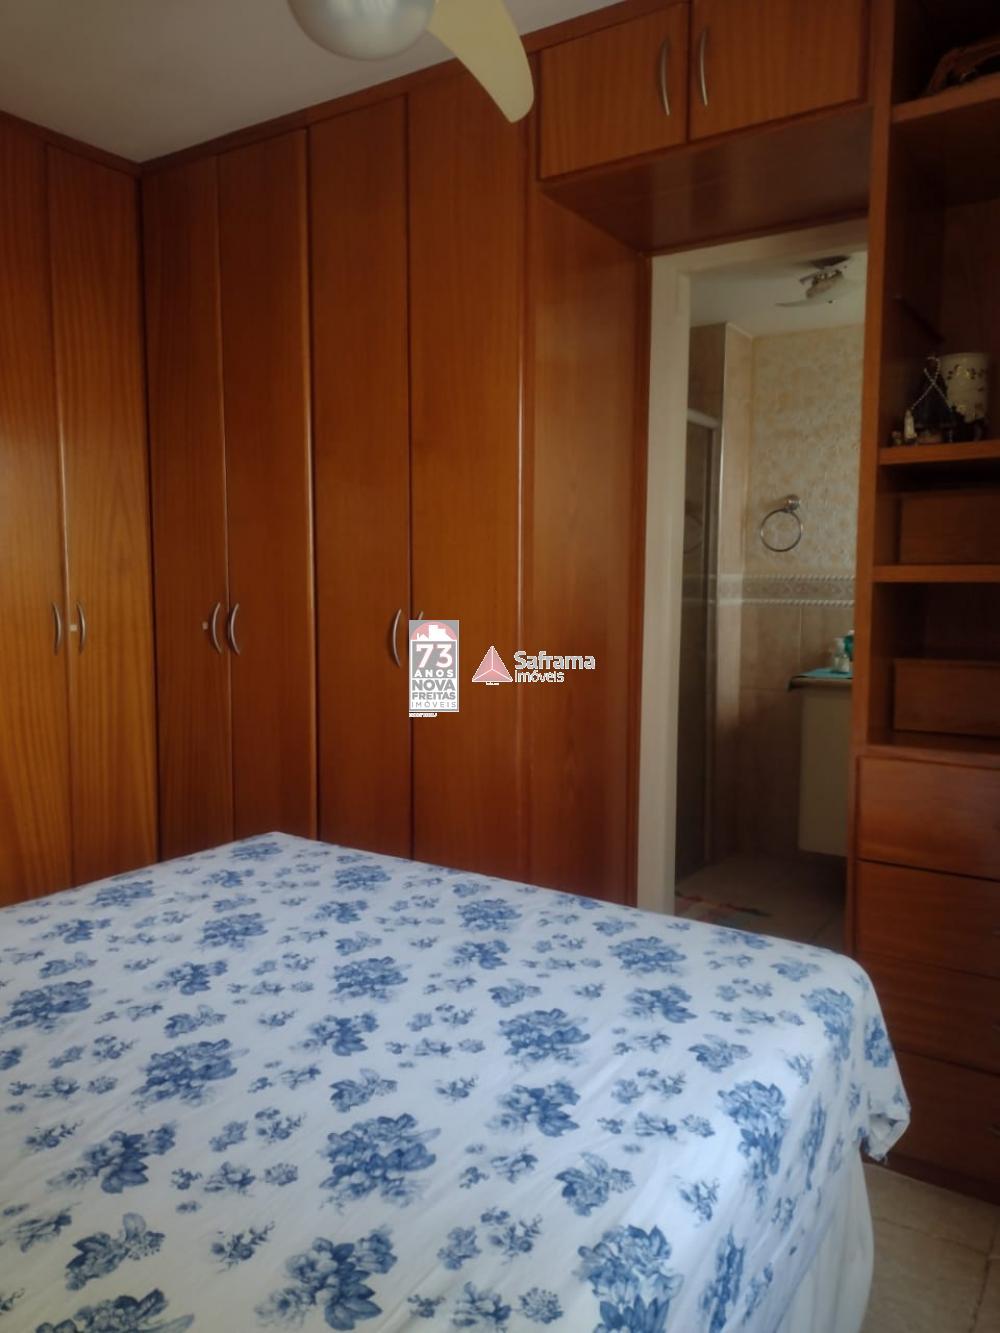 Comprar Apartamento / Padrão em São José dos Campos R$ 360.000,00 - Foto 12